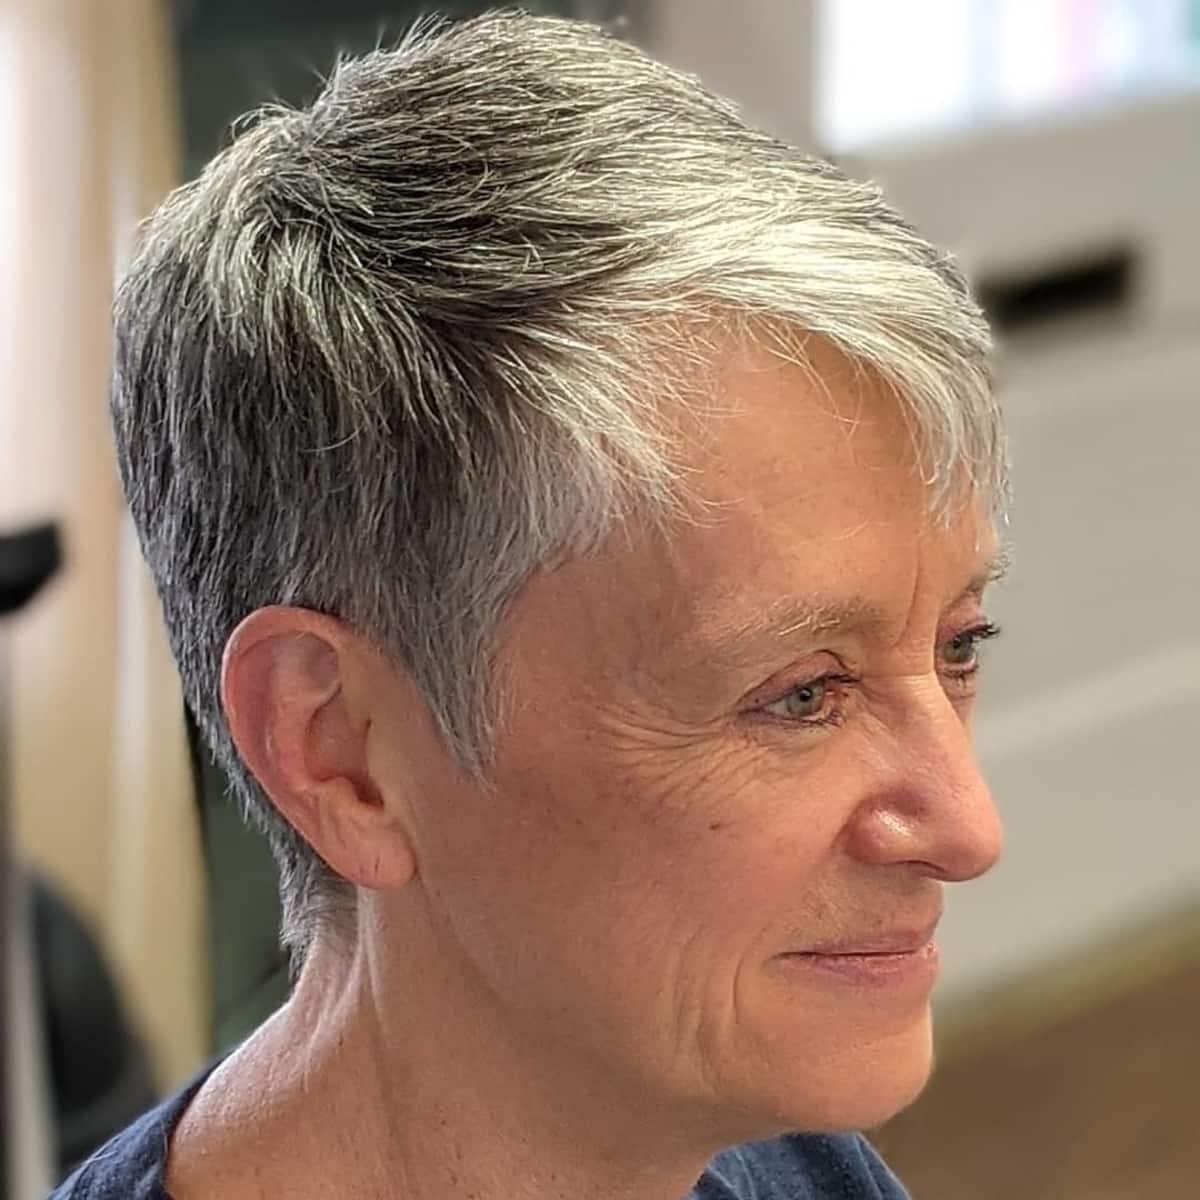 Coupe de rasoir audacieuse pour les femmes plus âgées